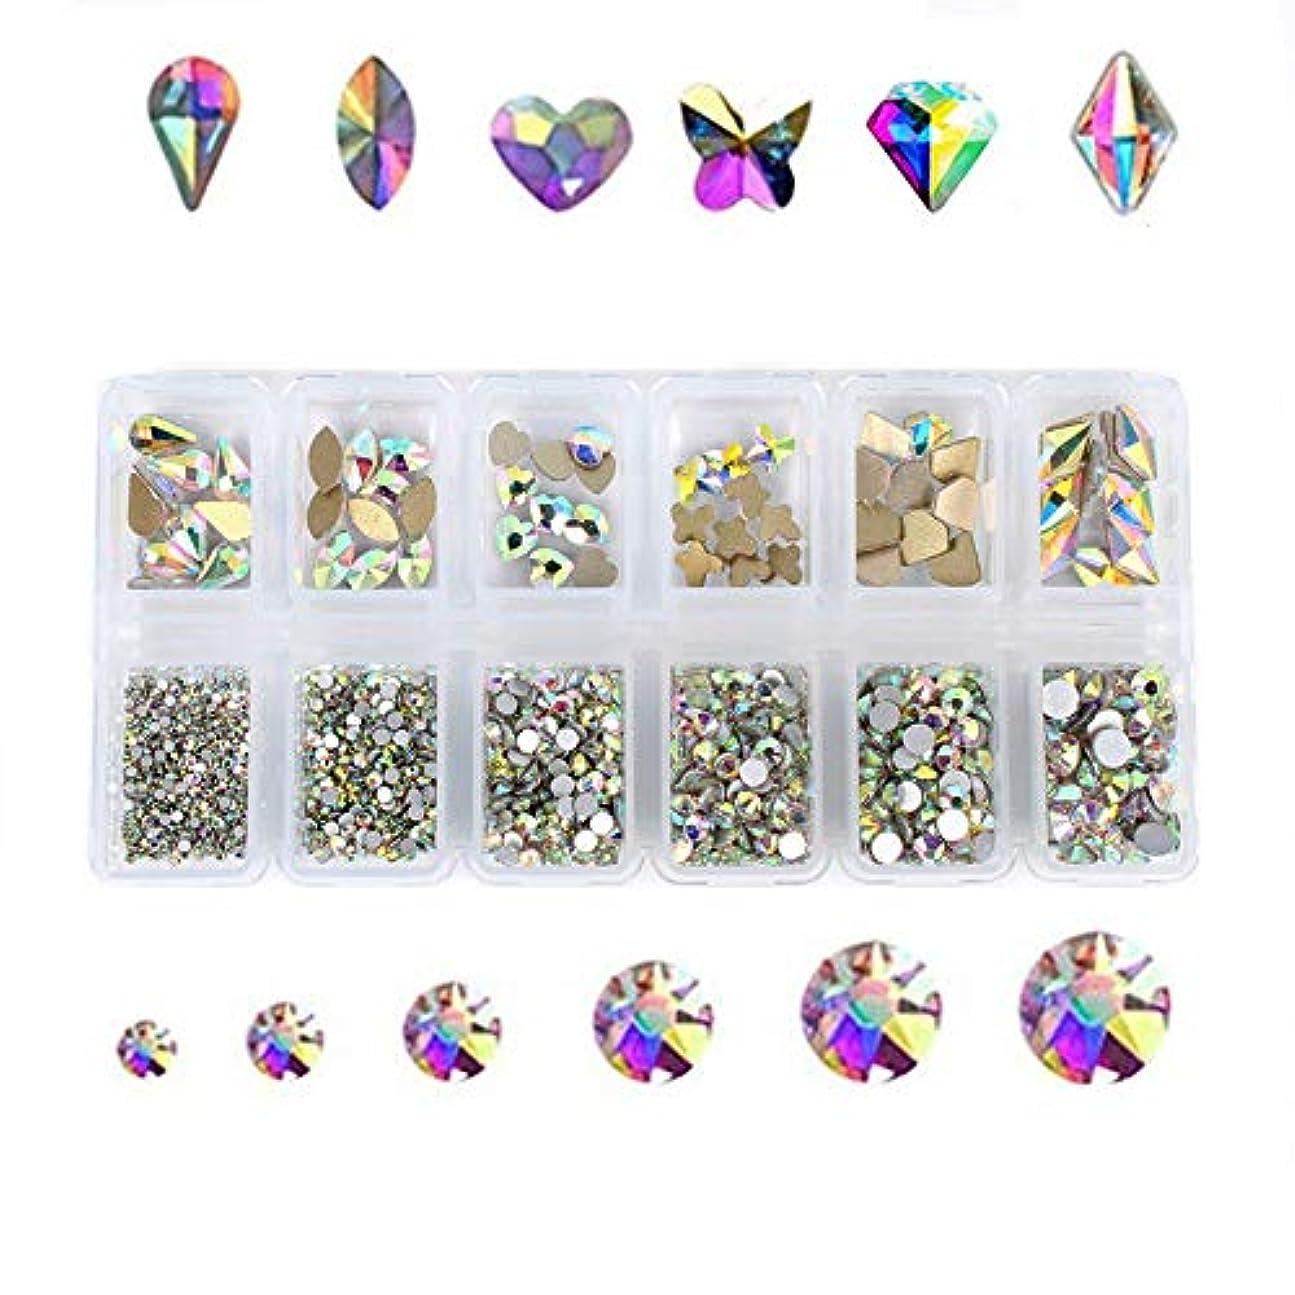 豚一貫性のないランダムKingsie ネイル ラインストーン AB色 ガラス製 ファットバック クリスタル 3dネイルパーツ デコ素材 大粒 小粒 ミックスサイズ&形状 ケース入り